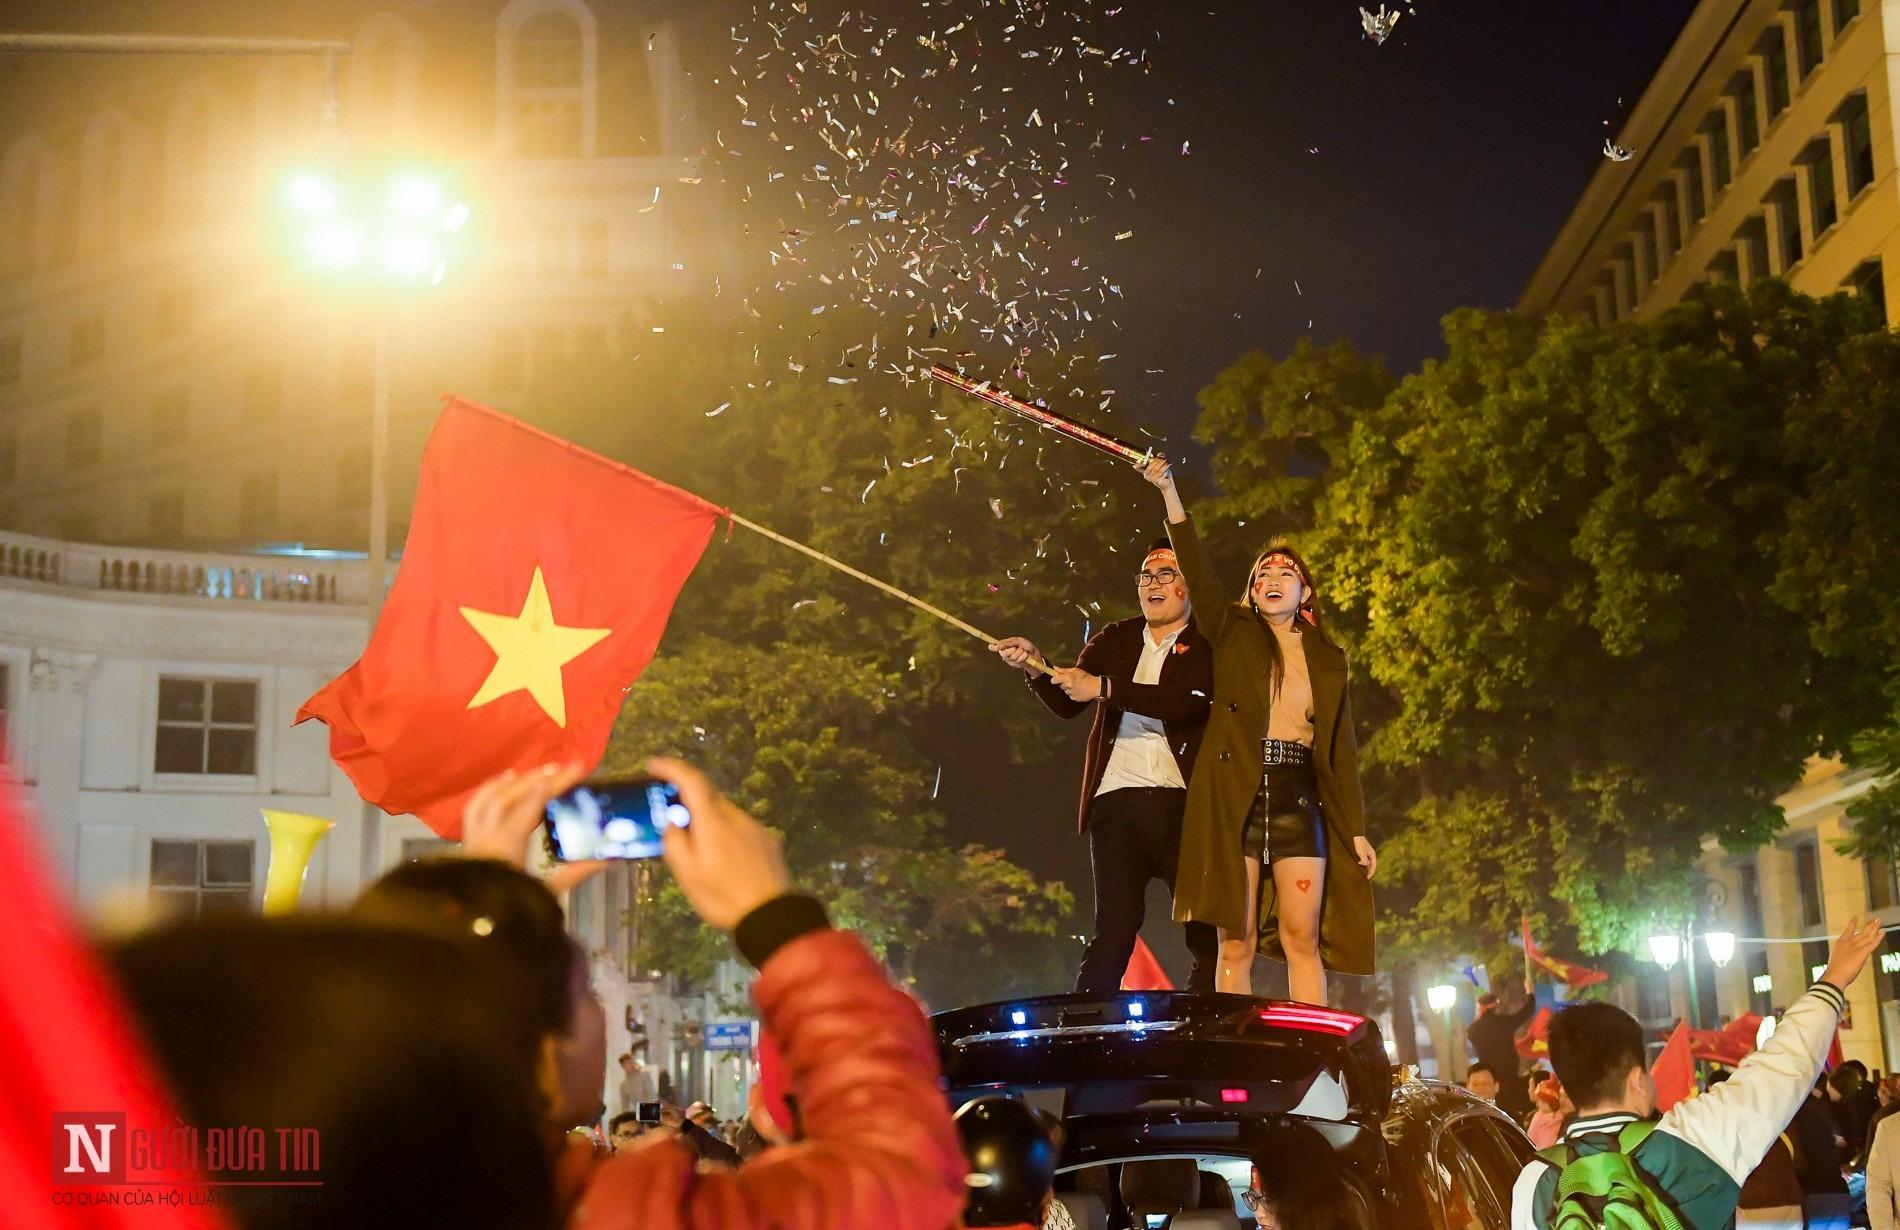 Video ảnh: Một đêm không ngủ của người hâm mộ bóng đá Việt Nam - 8